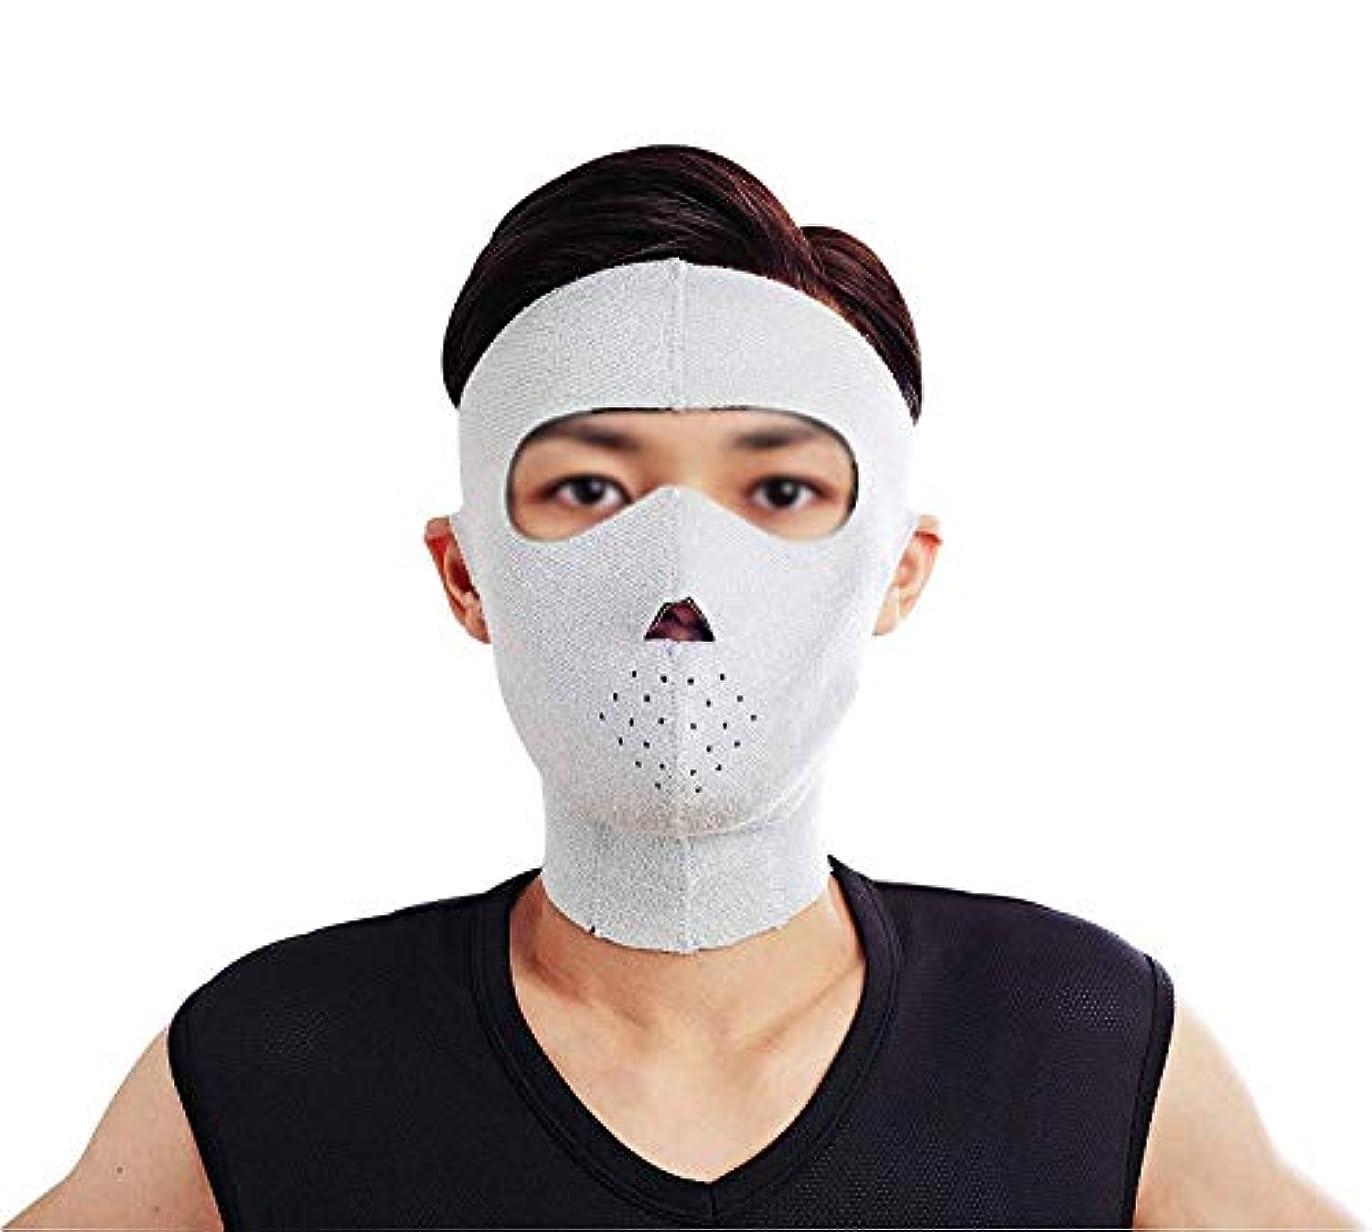 音楽家過半数事故フェイスリフトマスク、フェイシャルマスクプラス薄いフェイスマスクタイトなたるみの薄いフェイスマスクフェイシャル薄いフェイスマスクアーティファクトビューティー男性ネックストラップ付き